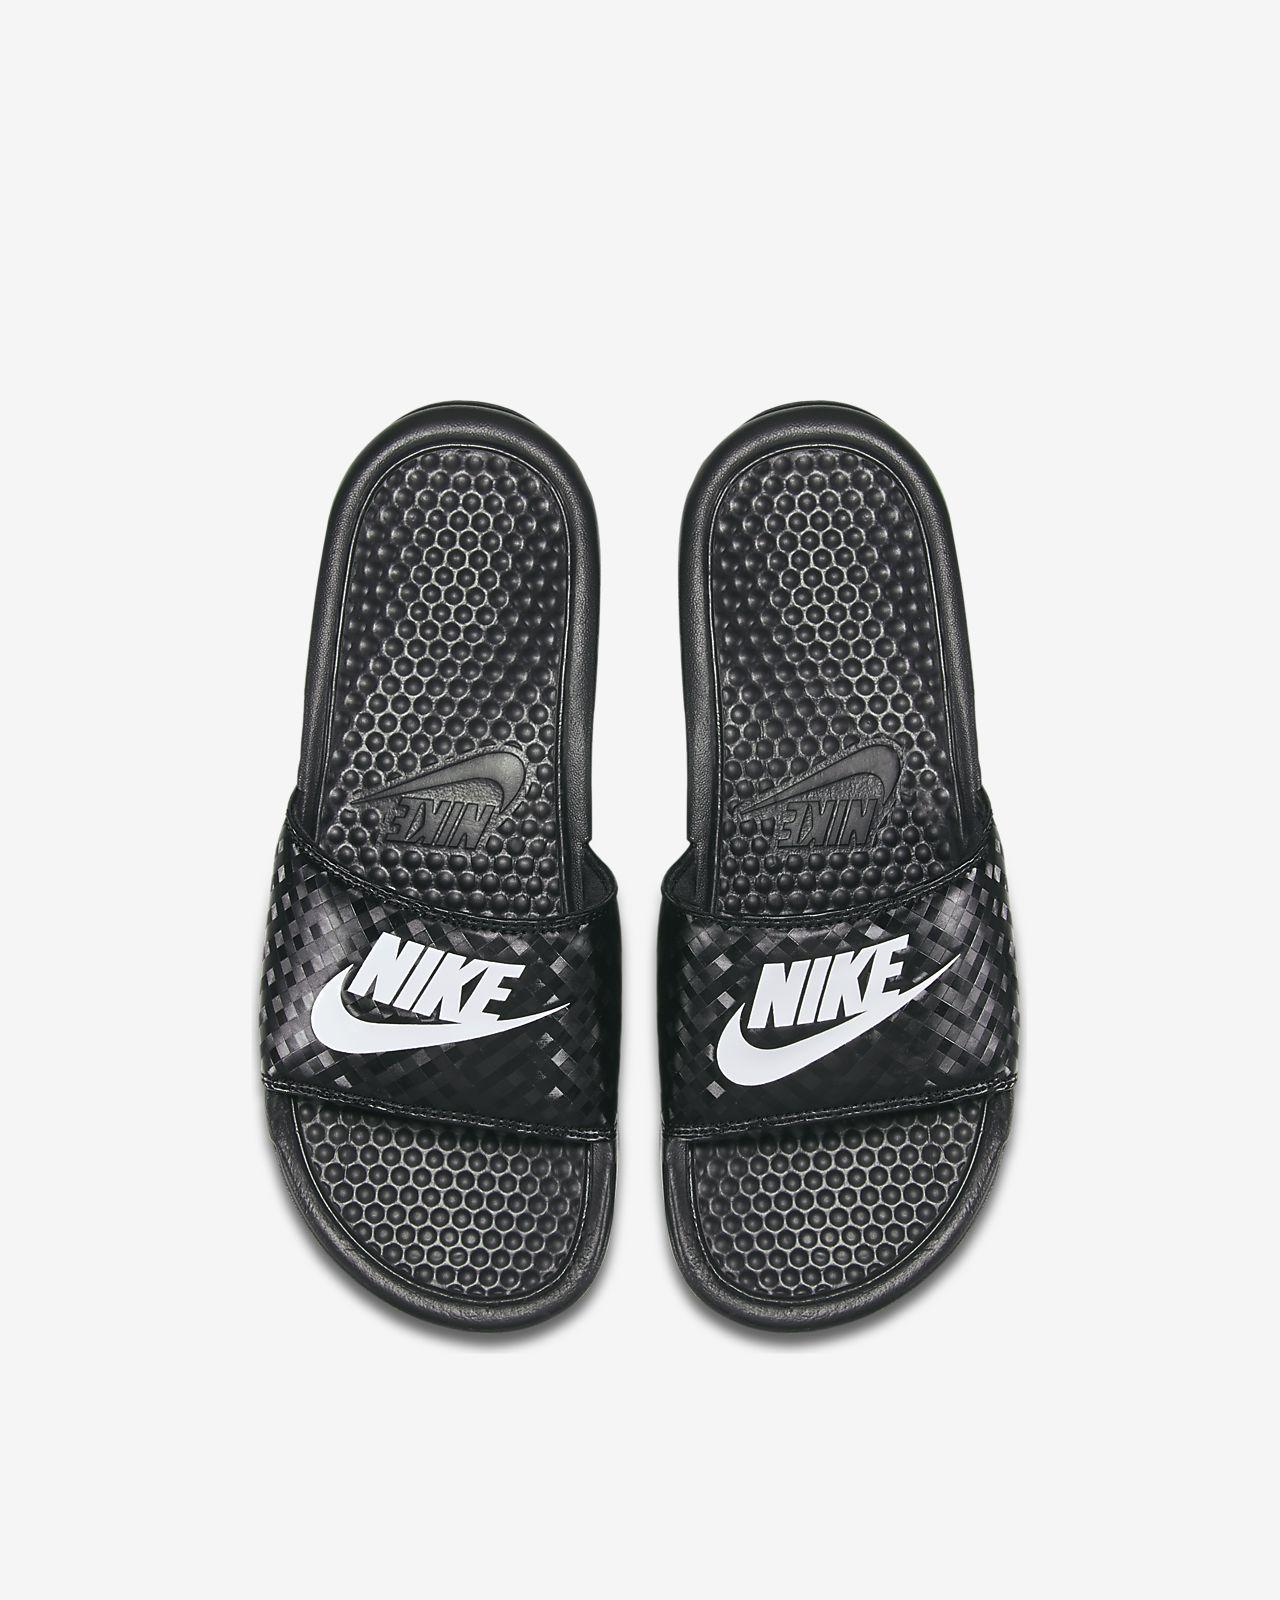 Chancla para mujer Nike Benassi JDI